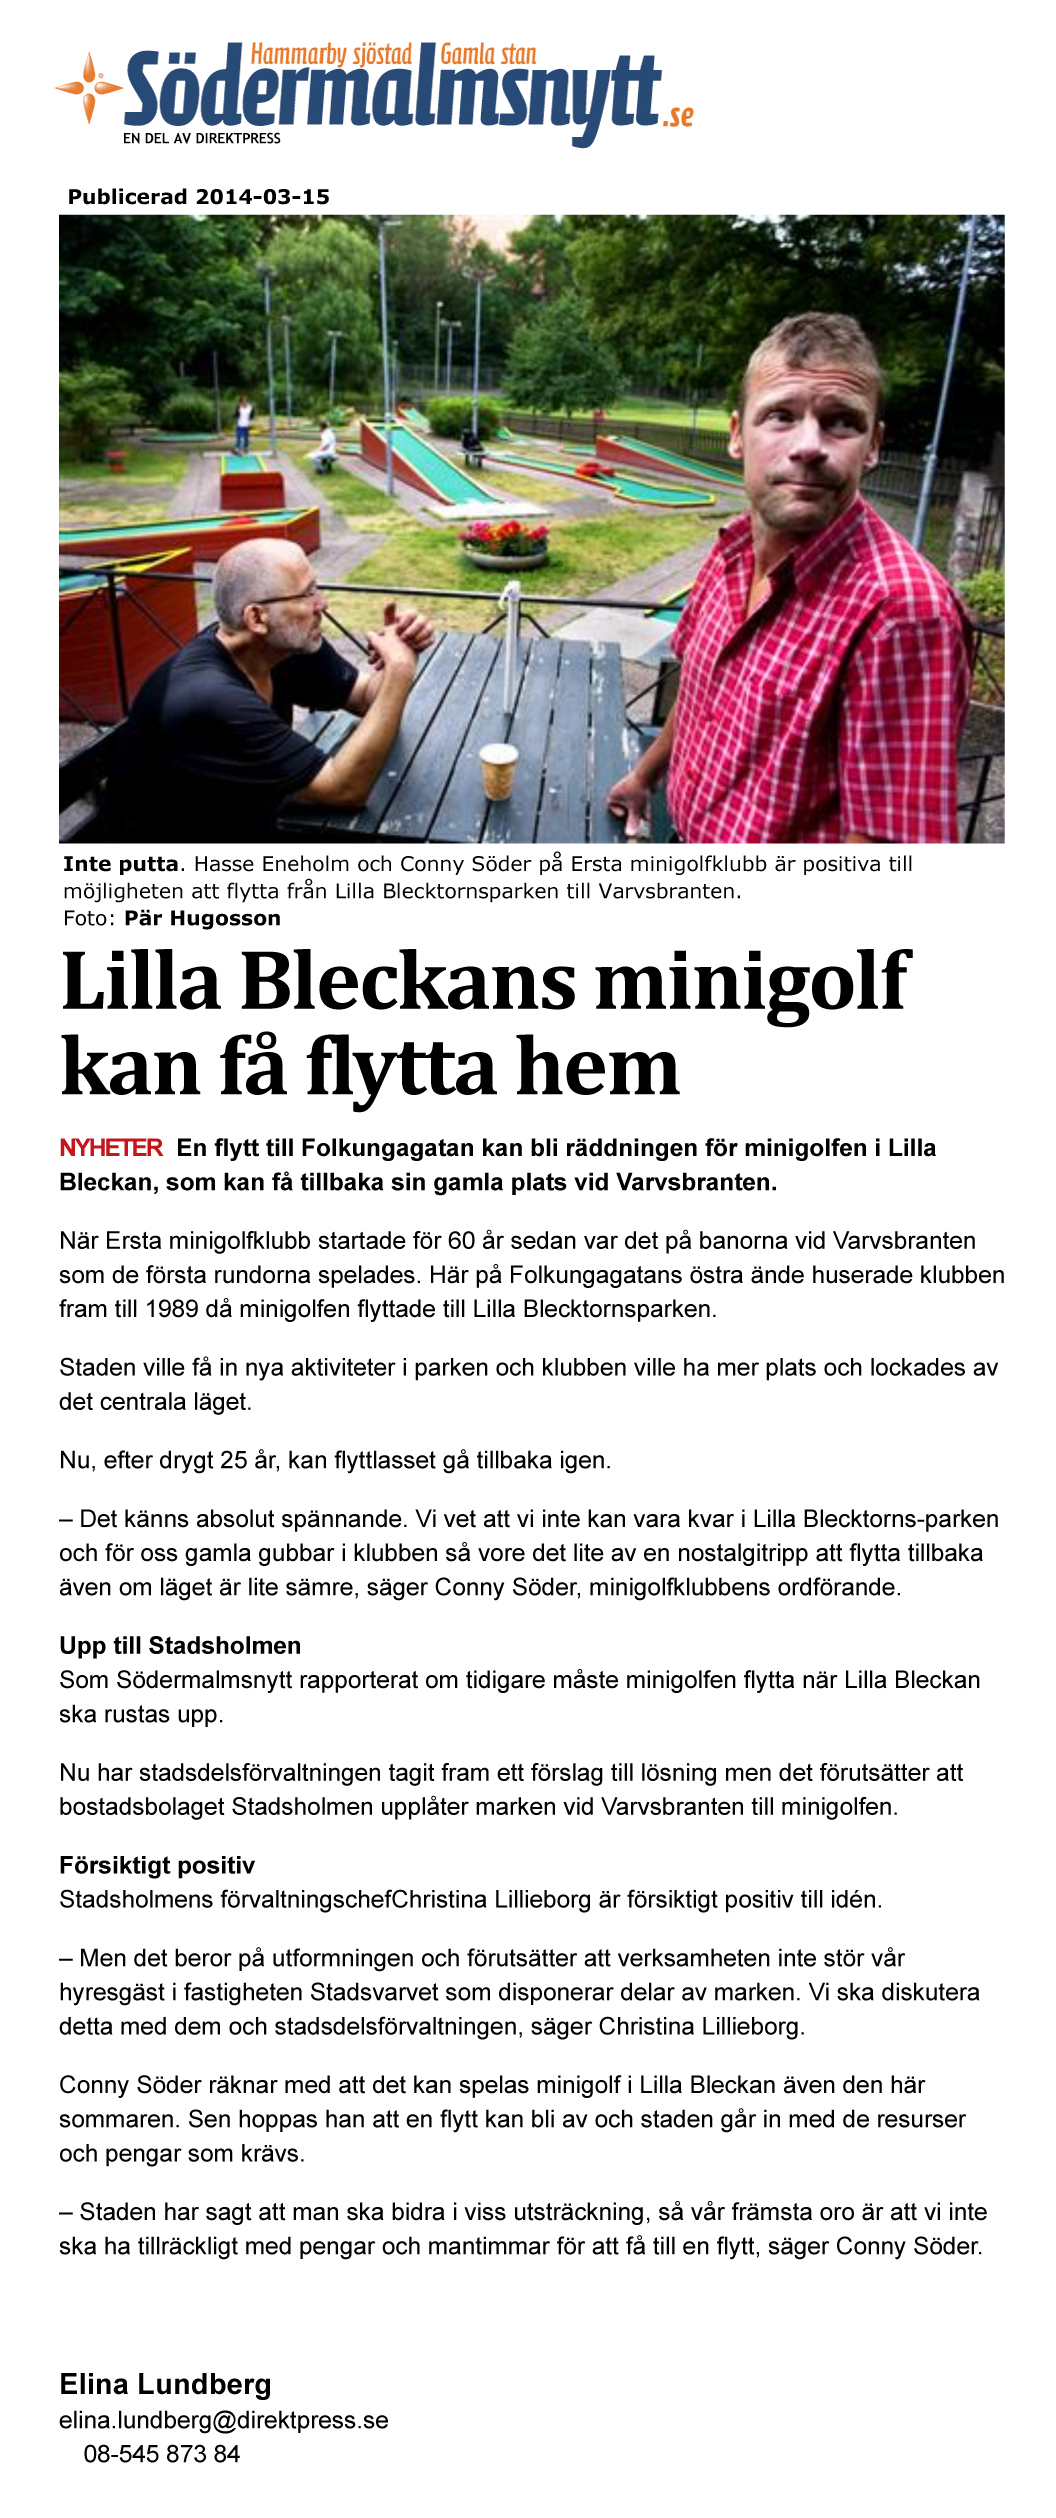 Lilla Bleckans minigolf kan få flytta hem - Nyheter - sodermalm